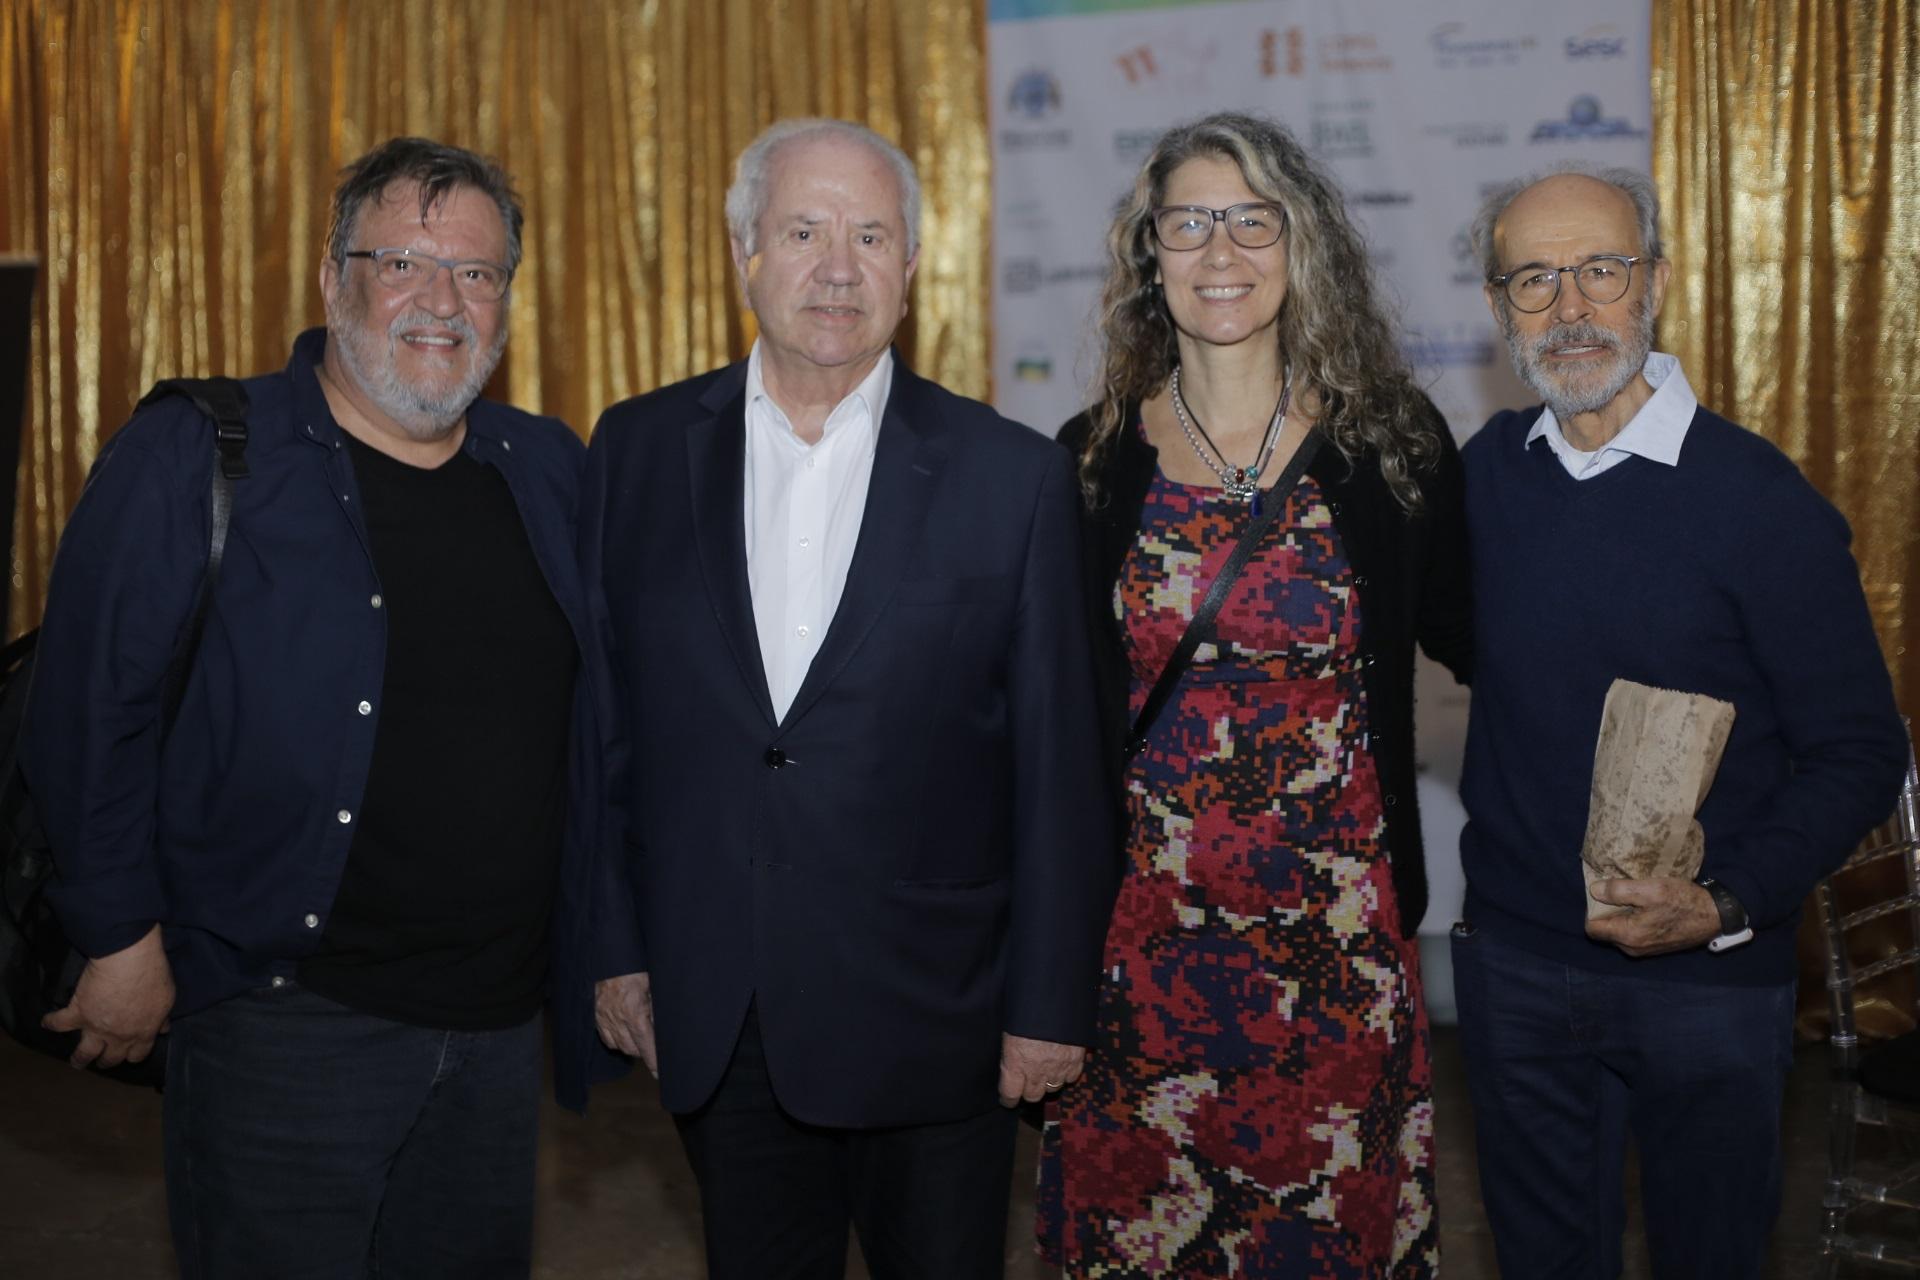 O ator Luis Melo, o ex-ministro Luiz Carlos Borges da Silveira e o casal Vânia Pacheco e Osmar Prado.